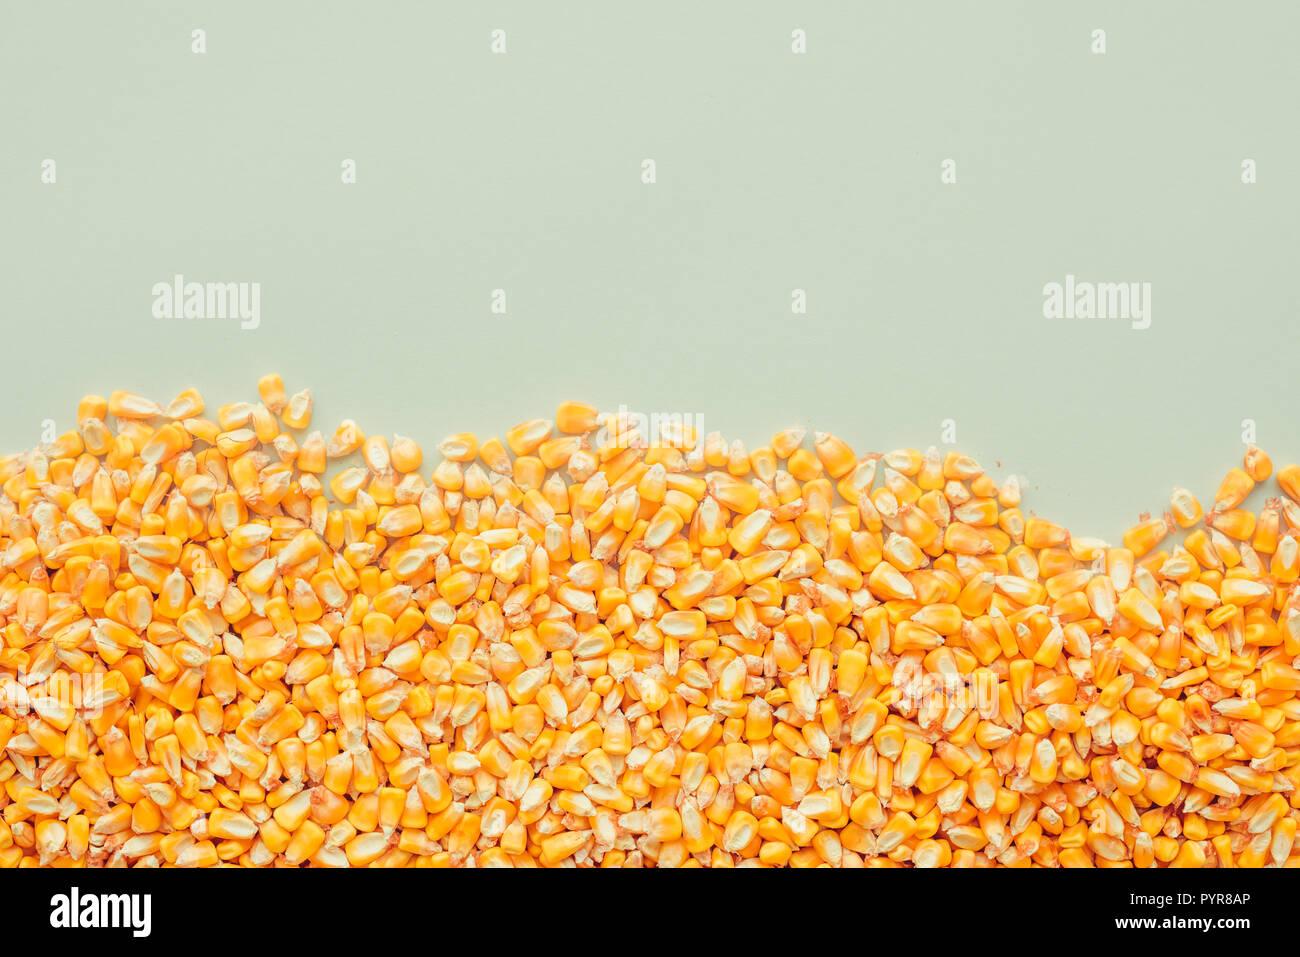 Fondo de granos de maíz cosechado con copia espacio, concepto de abundancia y gran rendimiento tras la exitosa cosecha Imagen De Stock